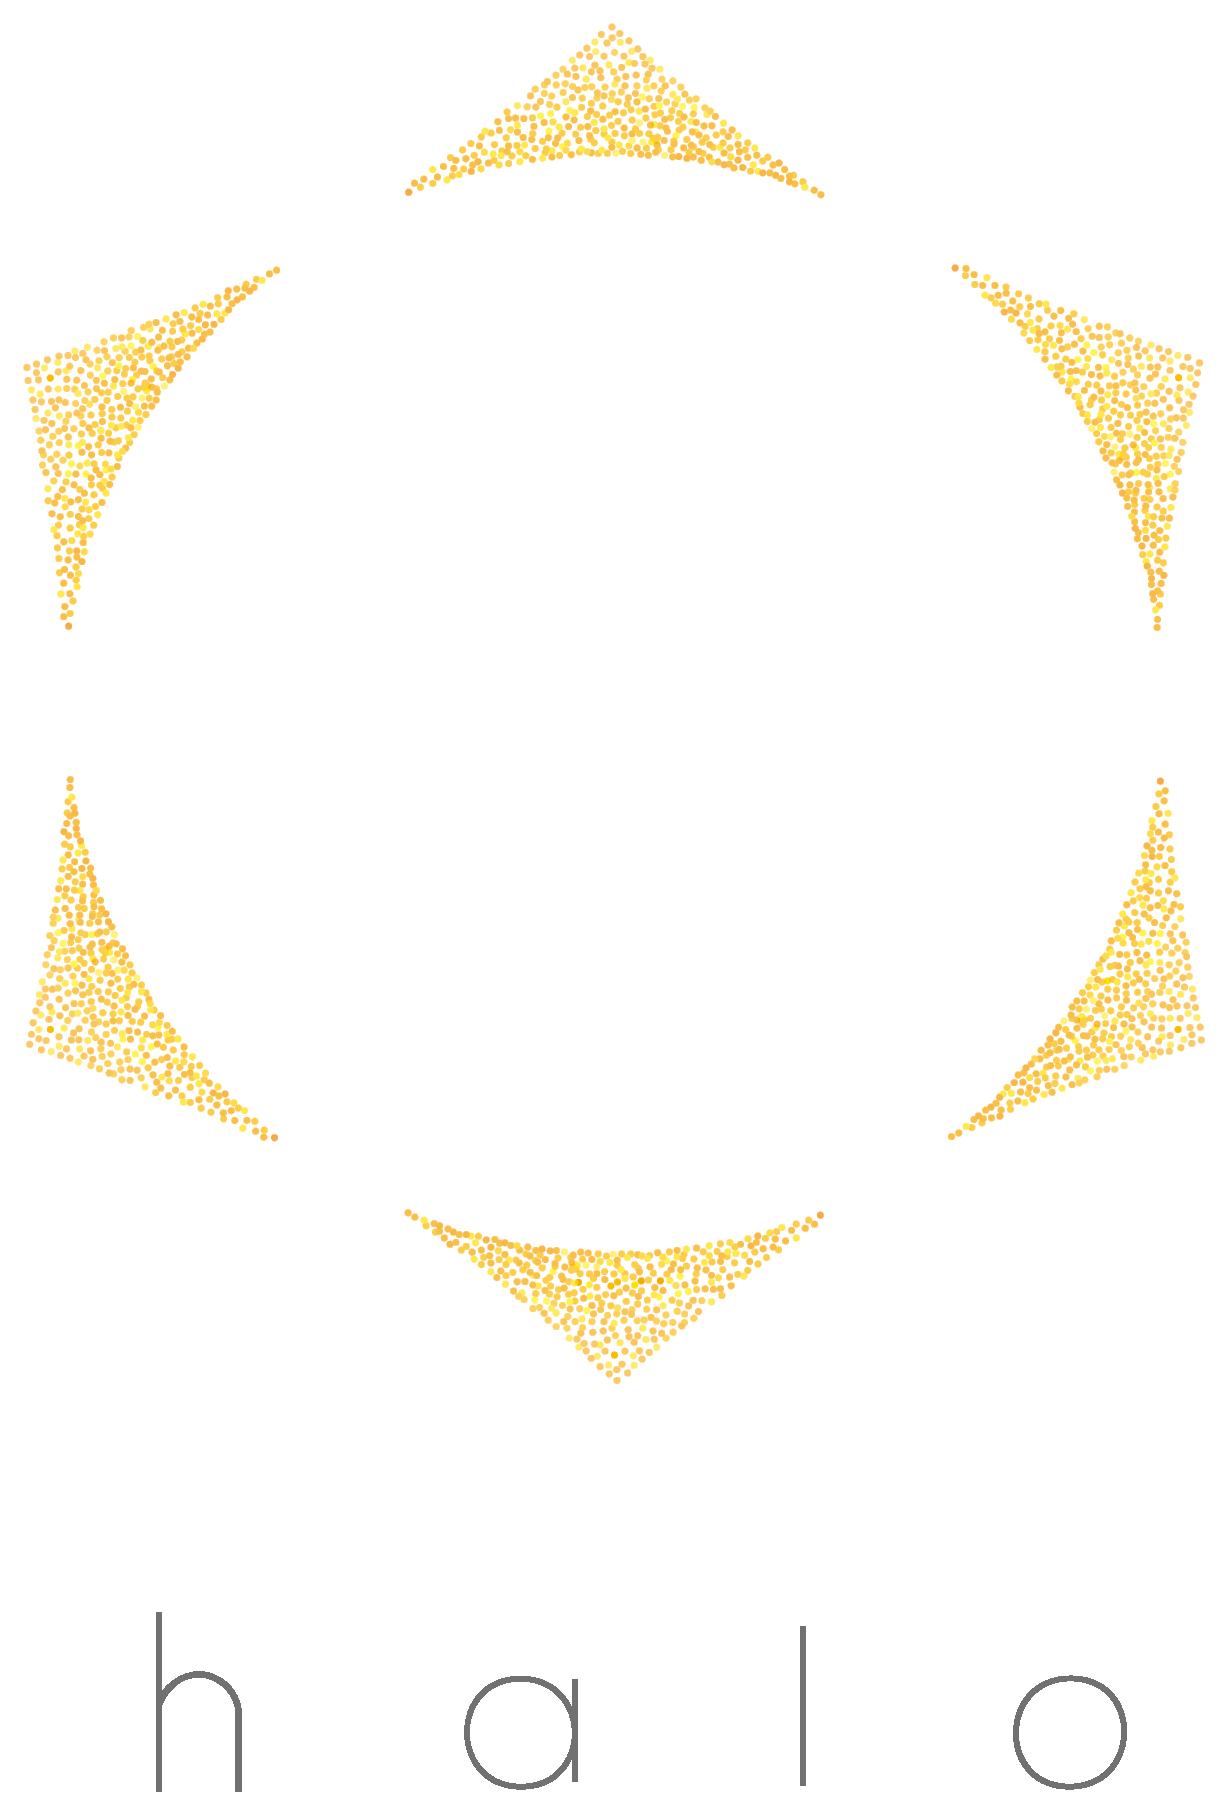 学校/教育/学習塾/レッスン系と高級感/気品と黄のロゴ